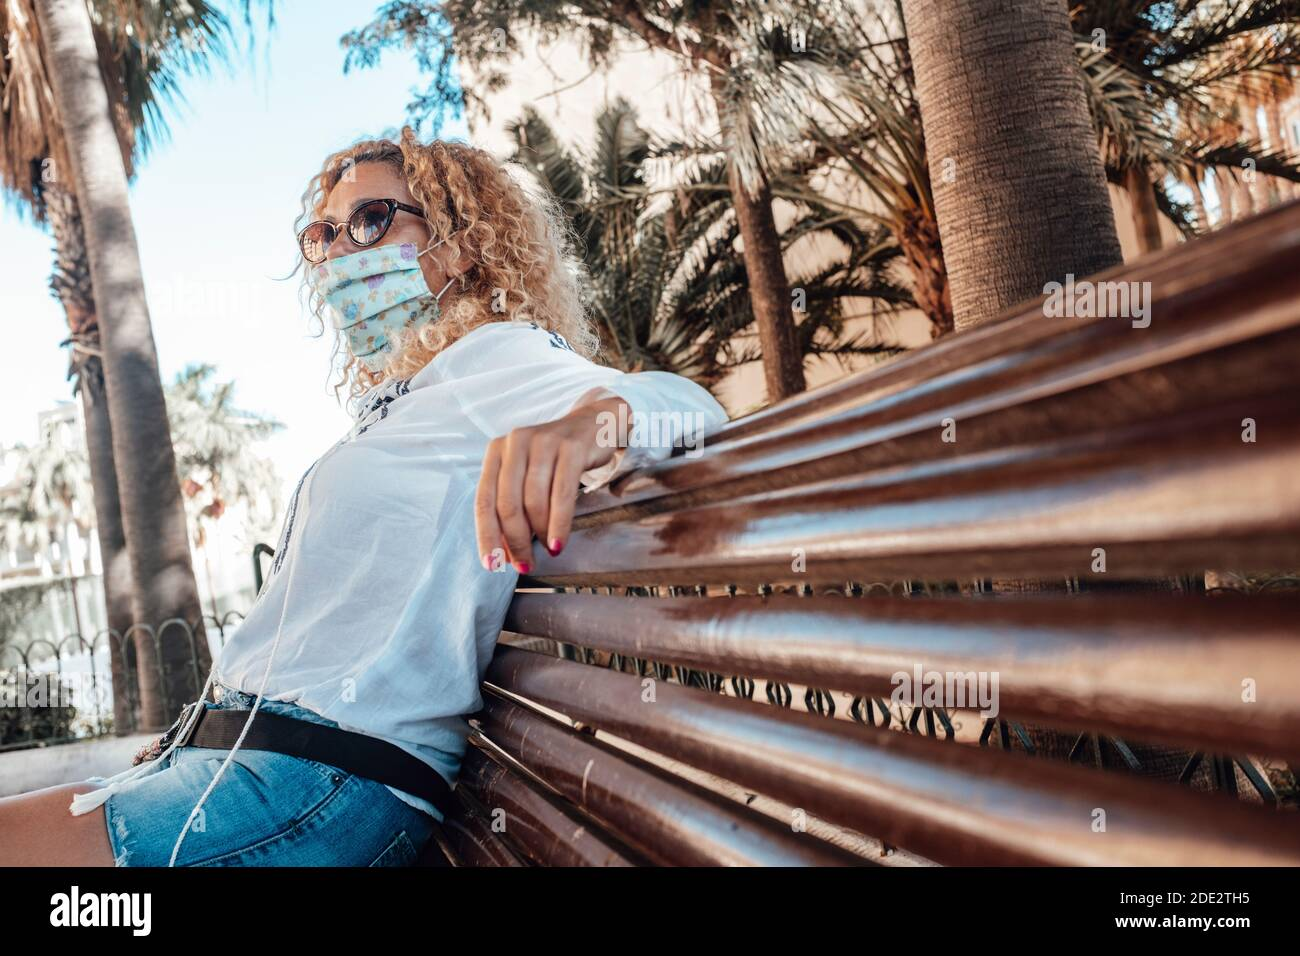 Une femme s'assoit sur un banc portant un masque médical pour les épidémies de protection du coronavirus covid-19 - concept de restrictions extérieures pour lutter contre la pandémie Banque D'Images